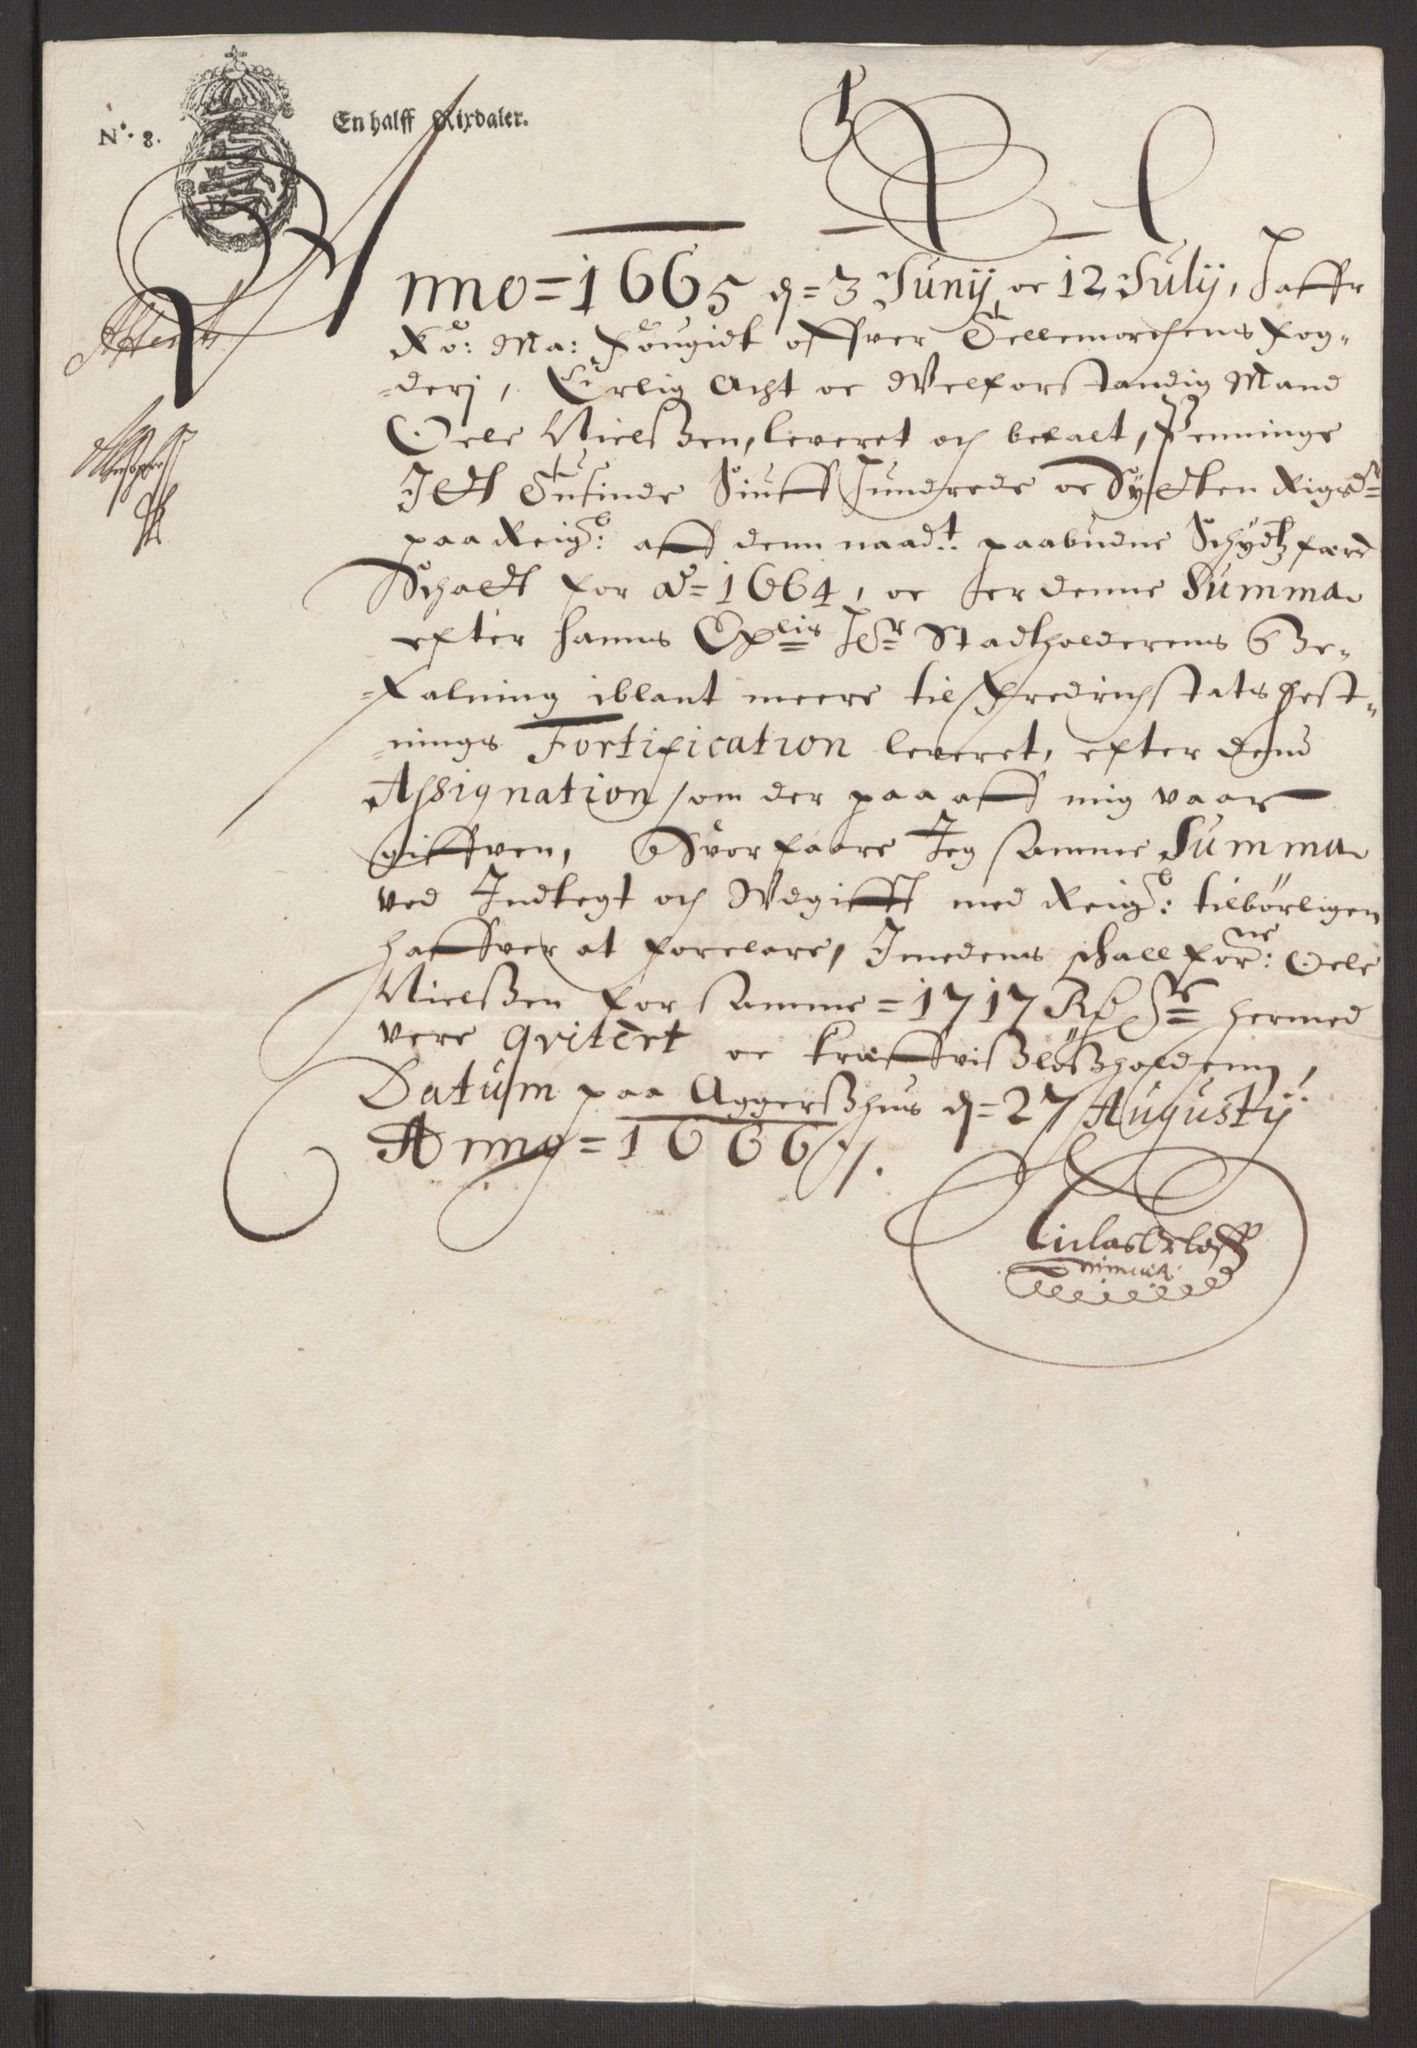 RA, Rentekammeret inntil 1814, Reviderte regnskaper, Fogderegnskap, R35/L2055: Fogderegnskap Øvre og Nedre Telemark, 1664, s. 408